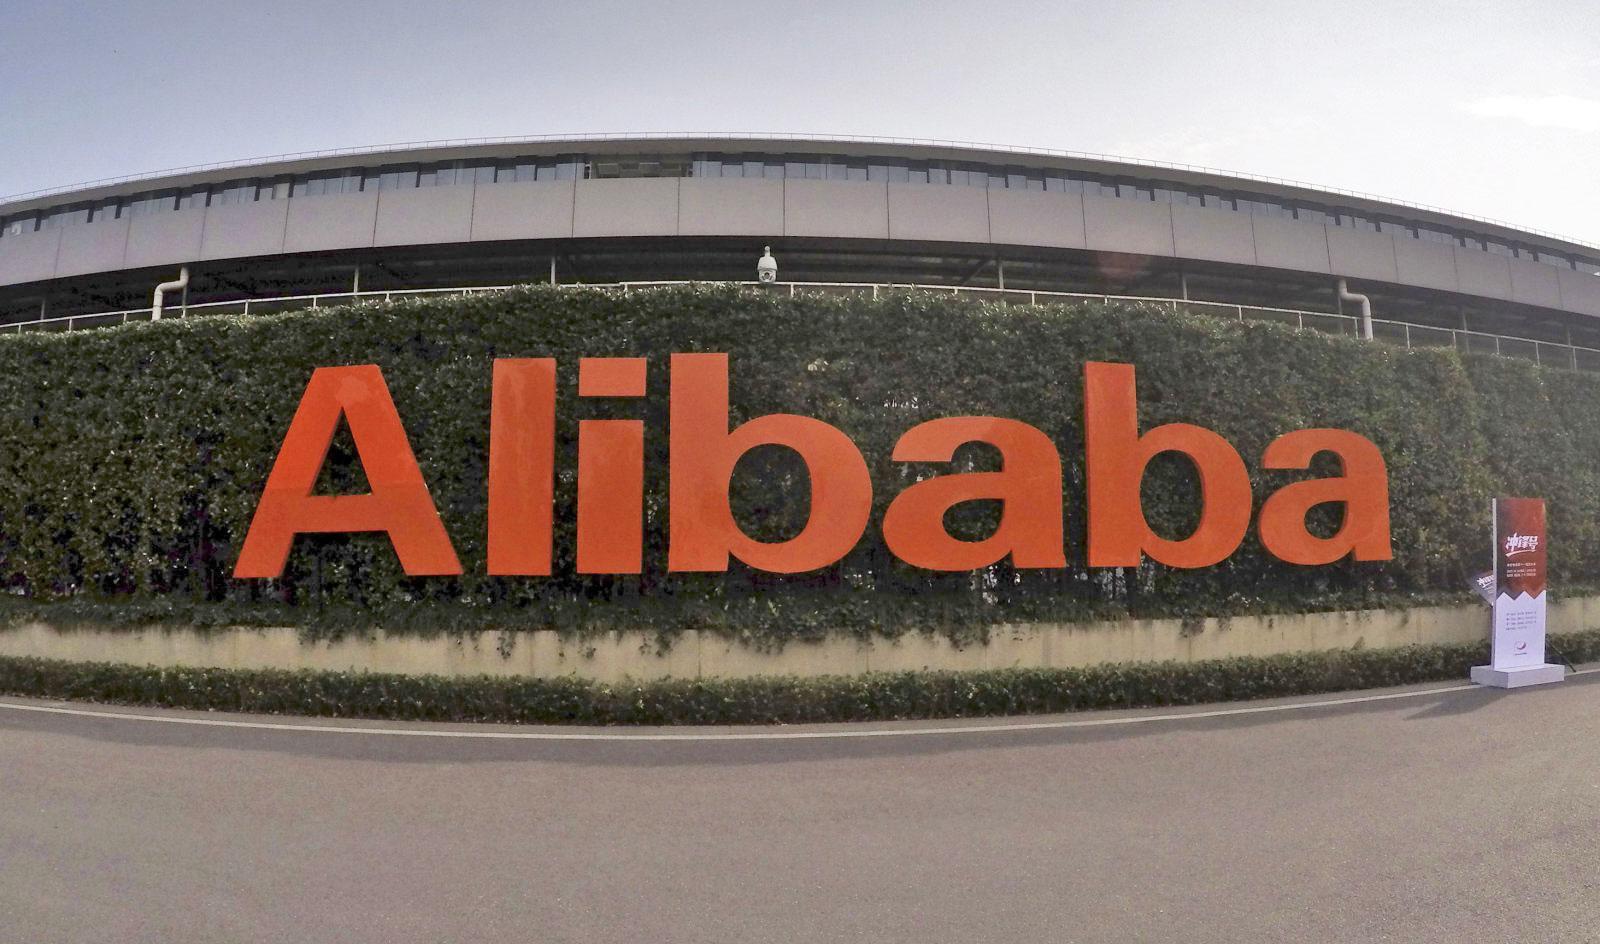 فروشگاه آنلاین علی بابا از سیستمی جدید برای ردیابی و حذف کالاهای تقلبی خبر داد